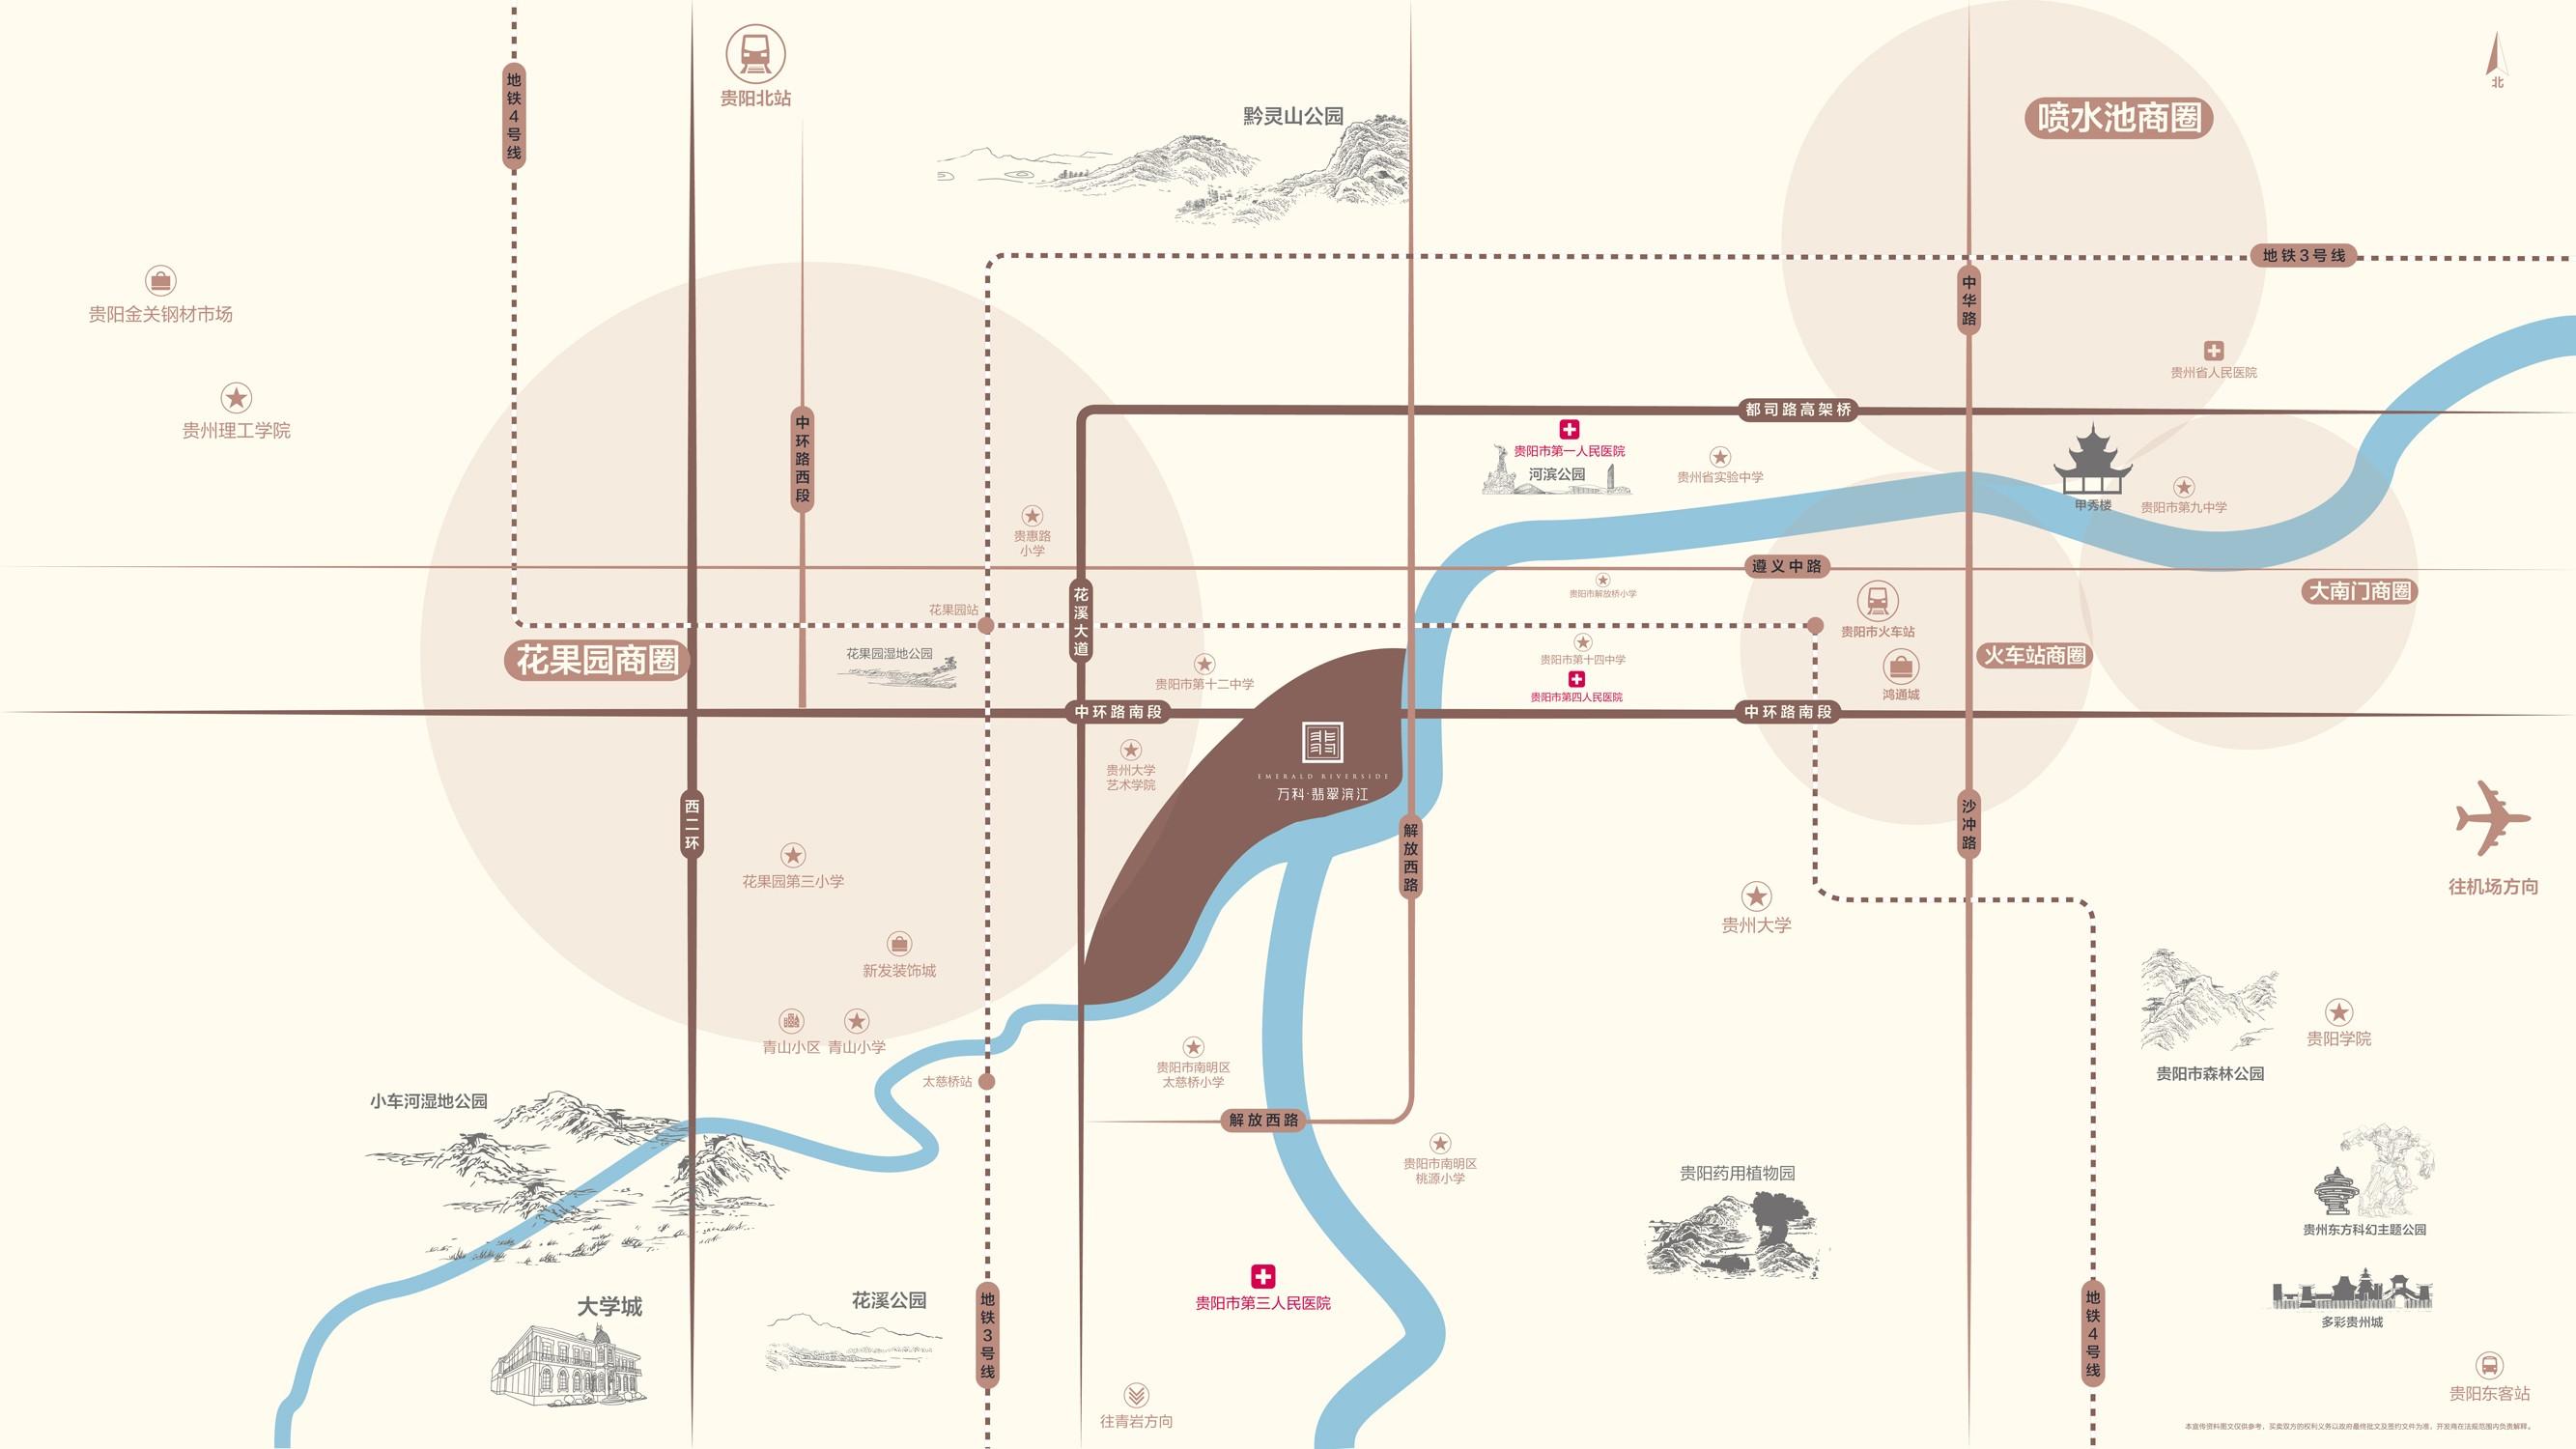 万科·翡翠滨江位置图